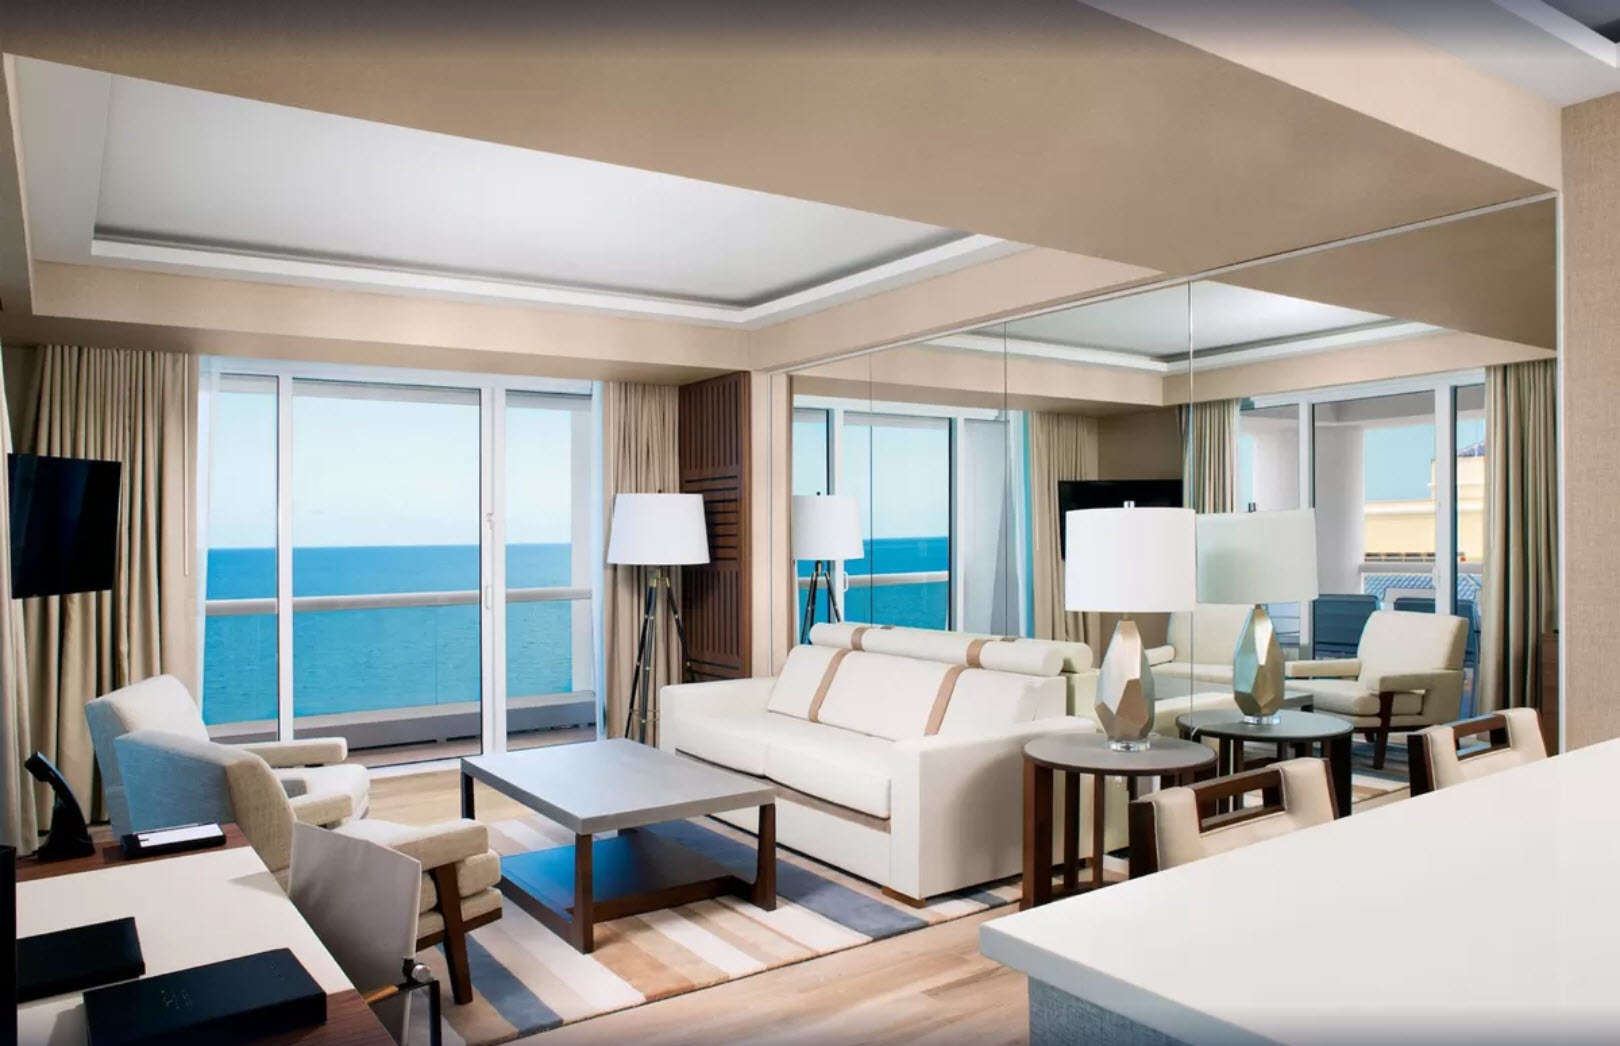 - 1 BDM Oceanfront Residence - Image 1/9